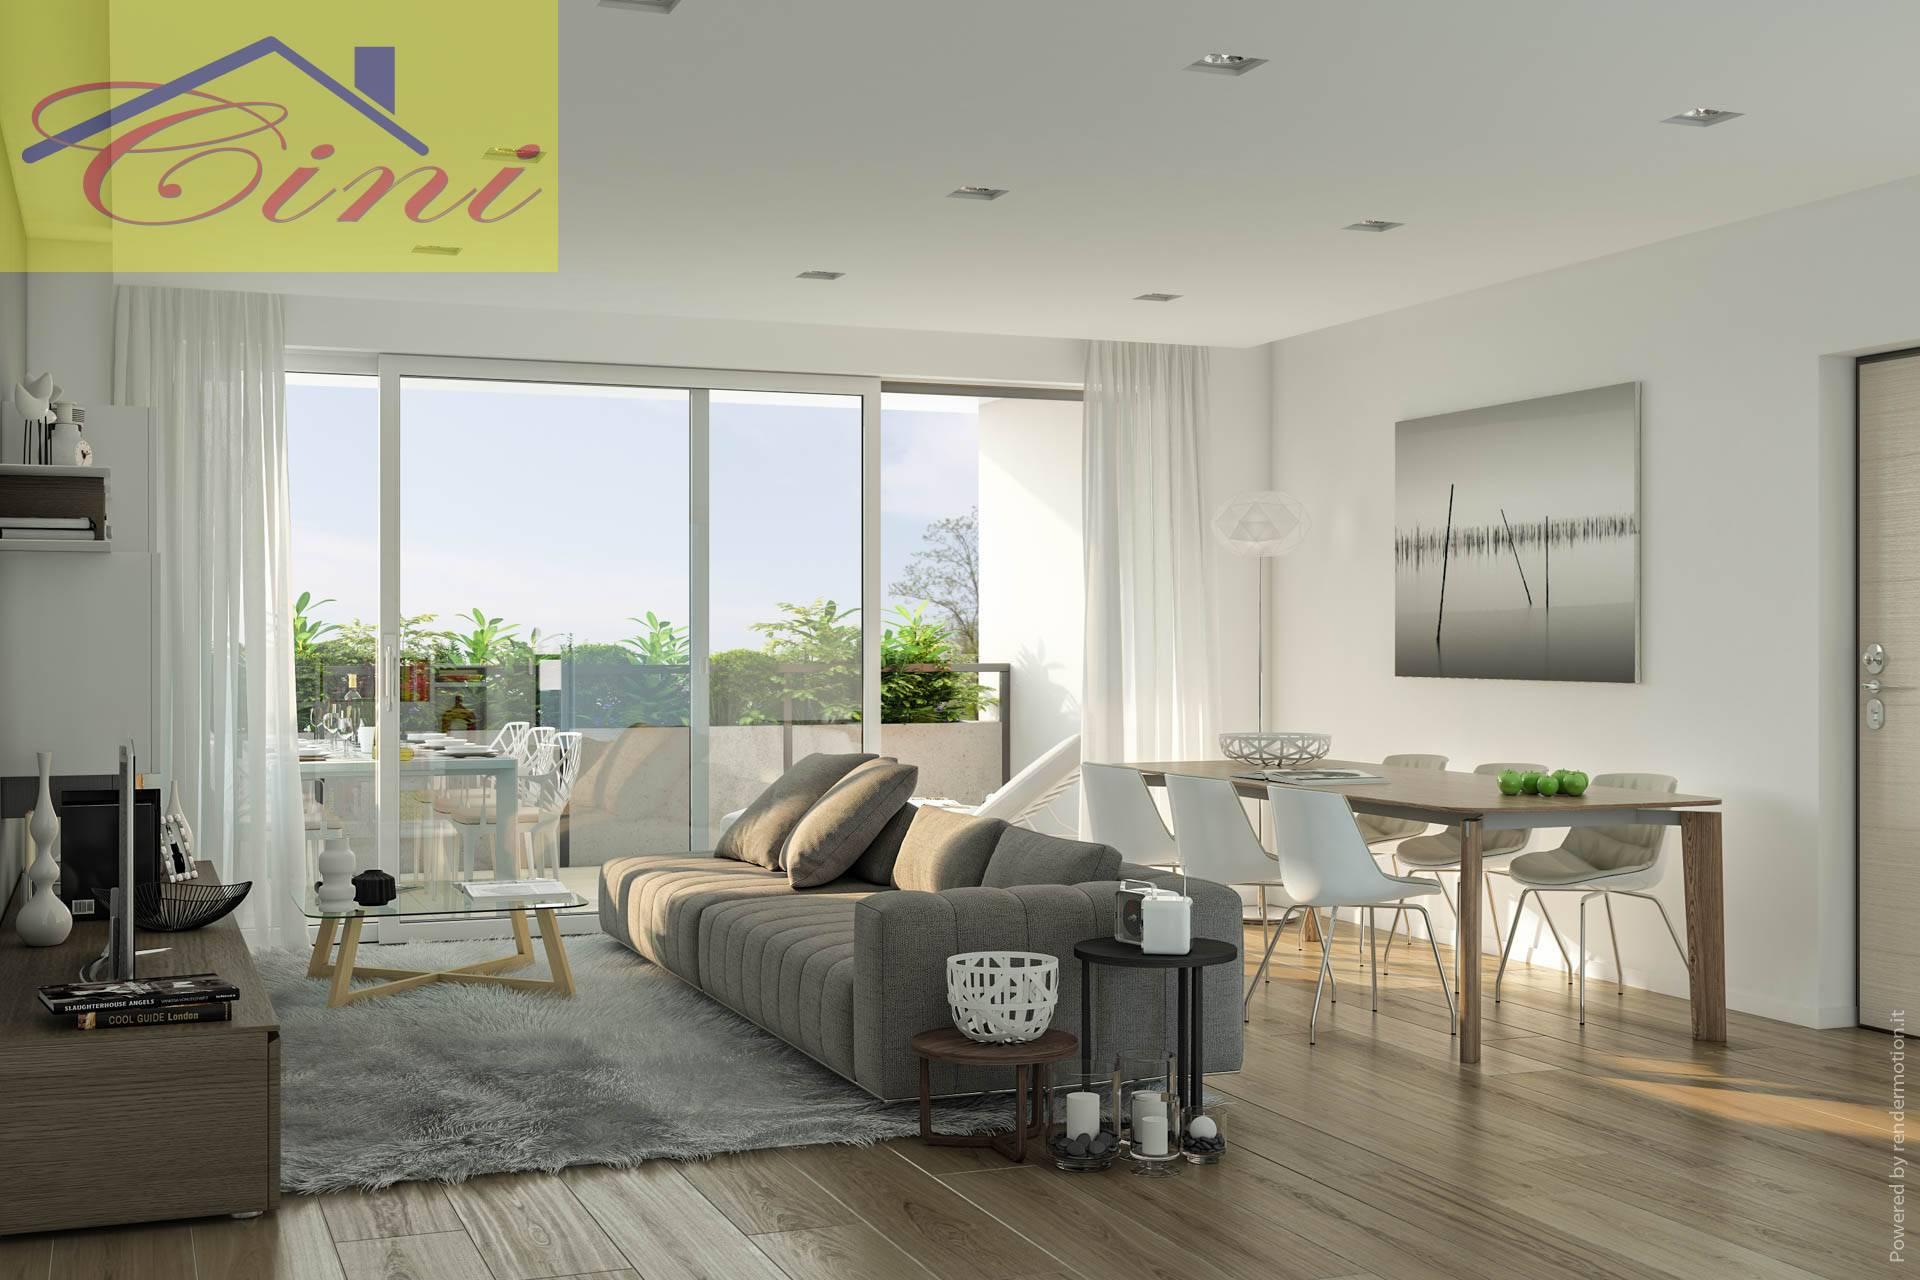 Vendita Quadrilocale Appartamento Lecco 165965